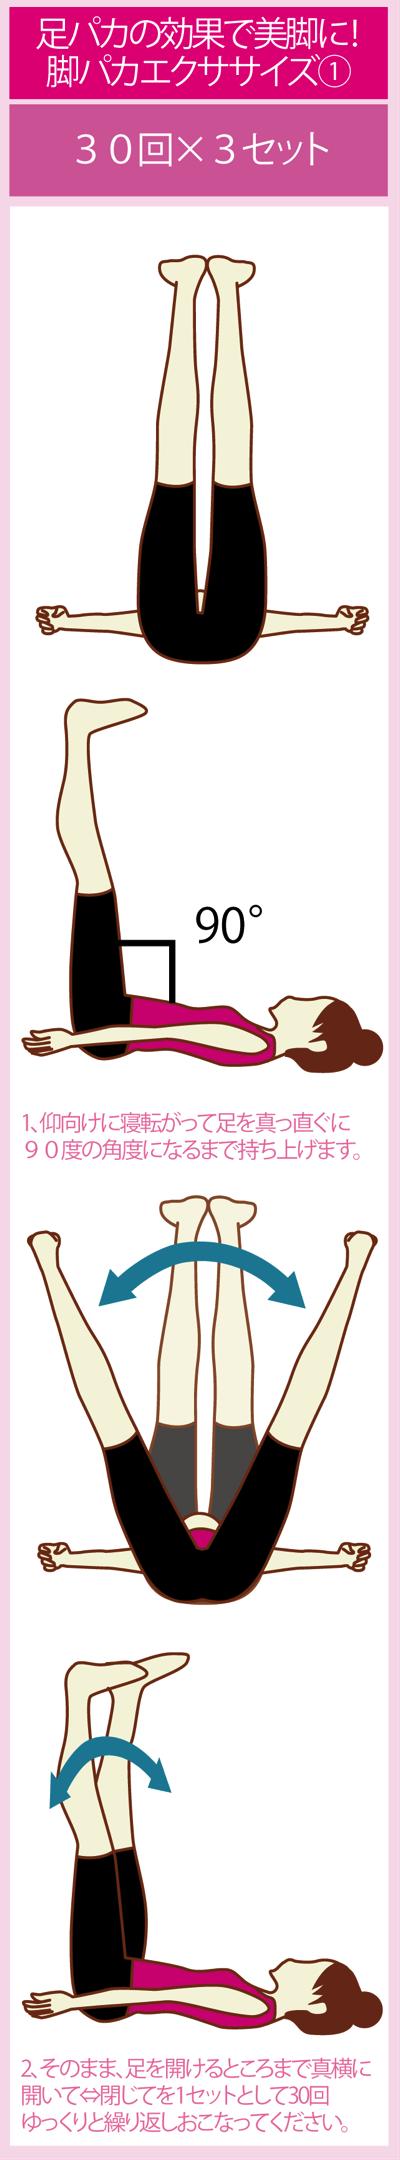 脚パカエクササイズのやり方1